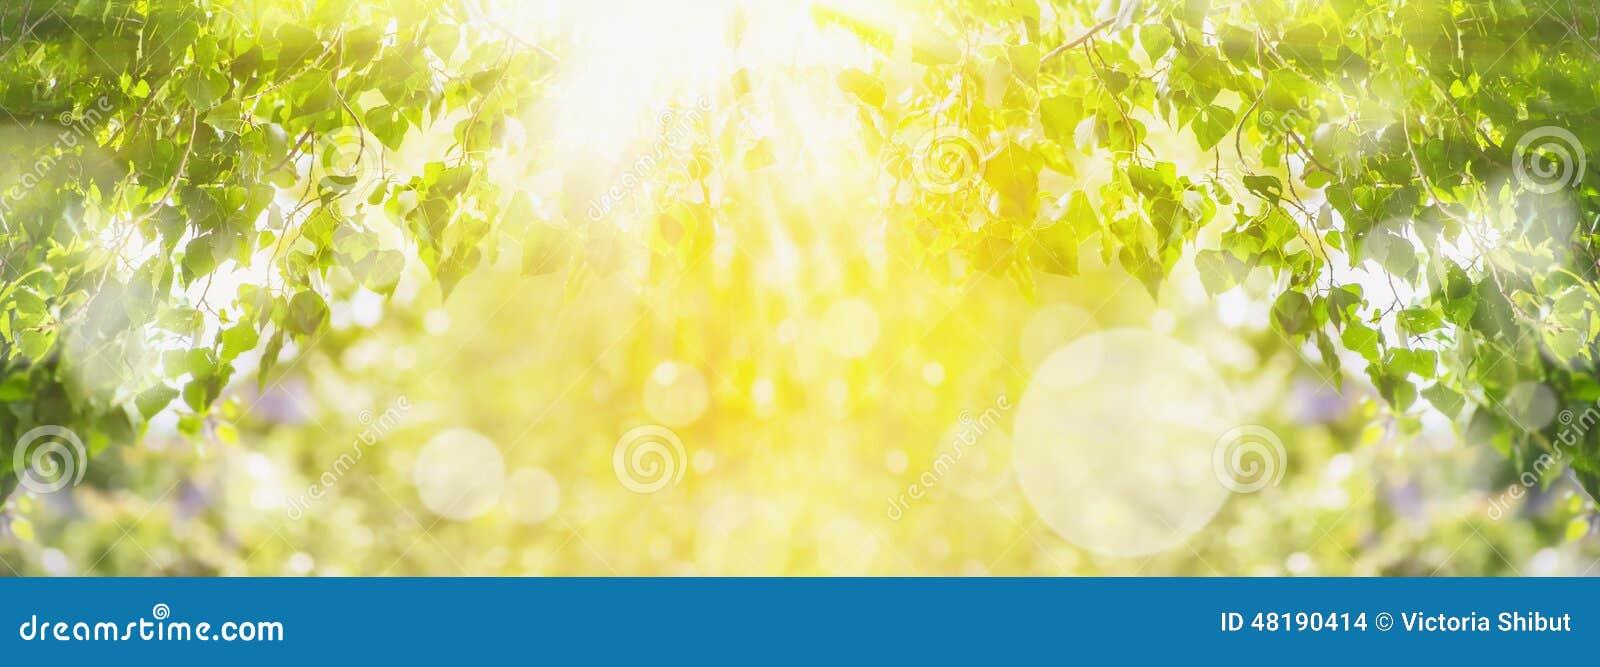 De achtergrond van de de lentezomer met groene boom, zonlicht en zonstralen